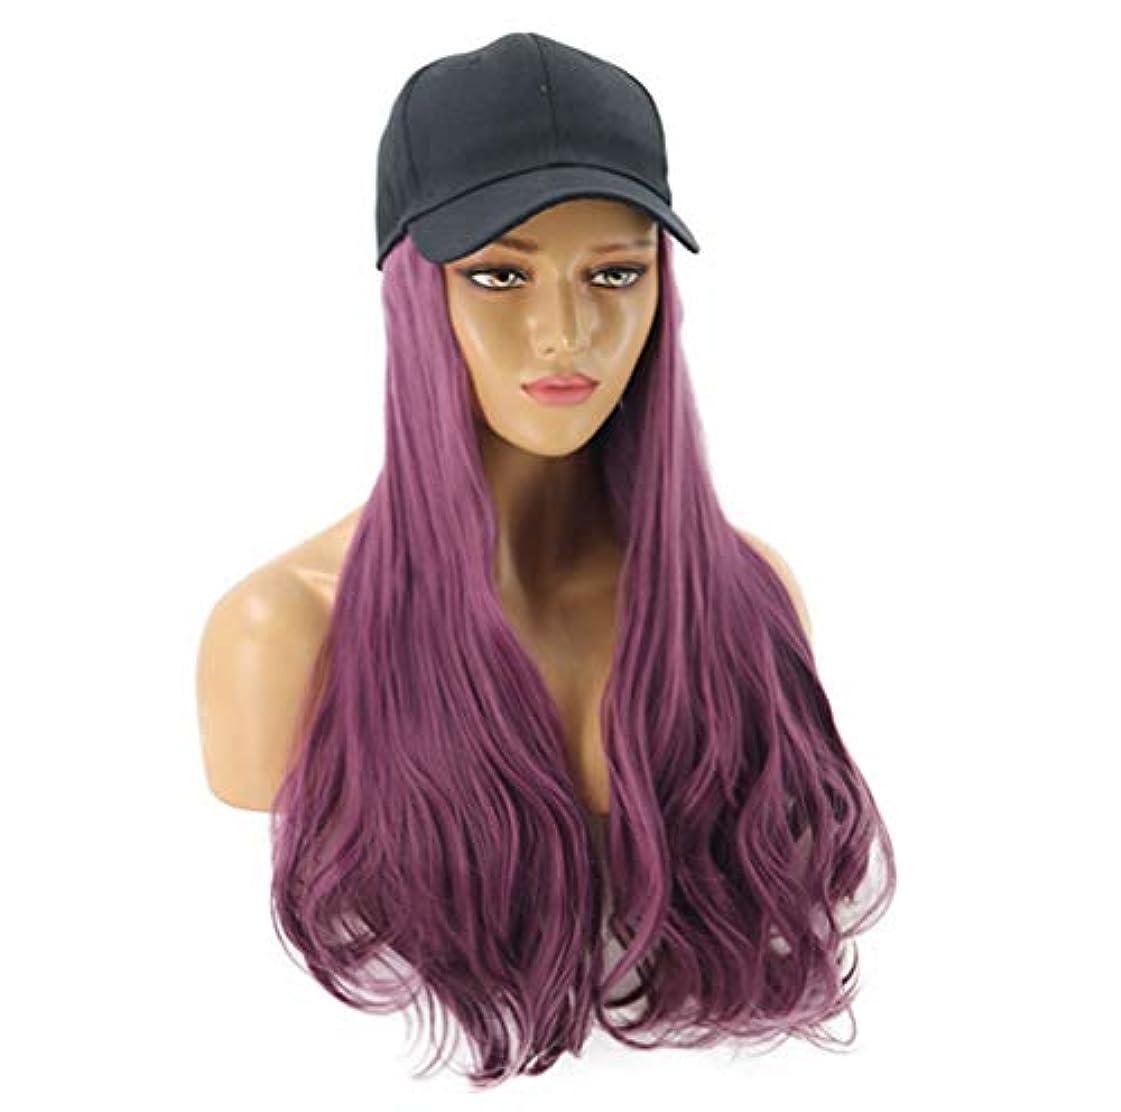 特派員鷹ぐるぐる女性の野球帽、ヘアエクステンション付き毎日のパーティー用の長い波状のワンピースヘアエクステンション付きの黒い帽子が付いた自然な人工毛